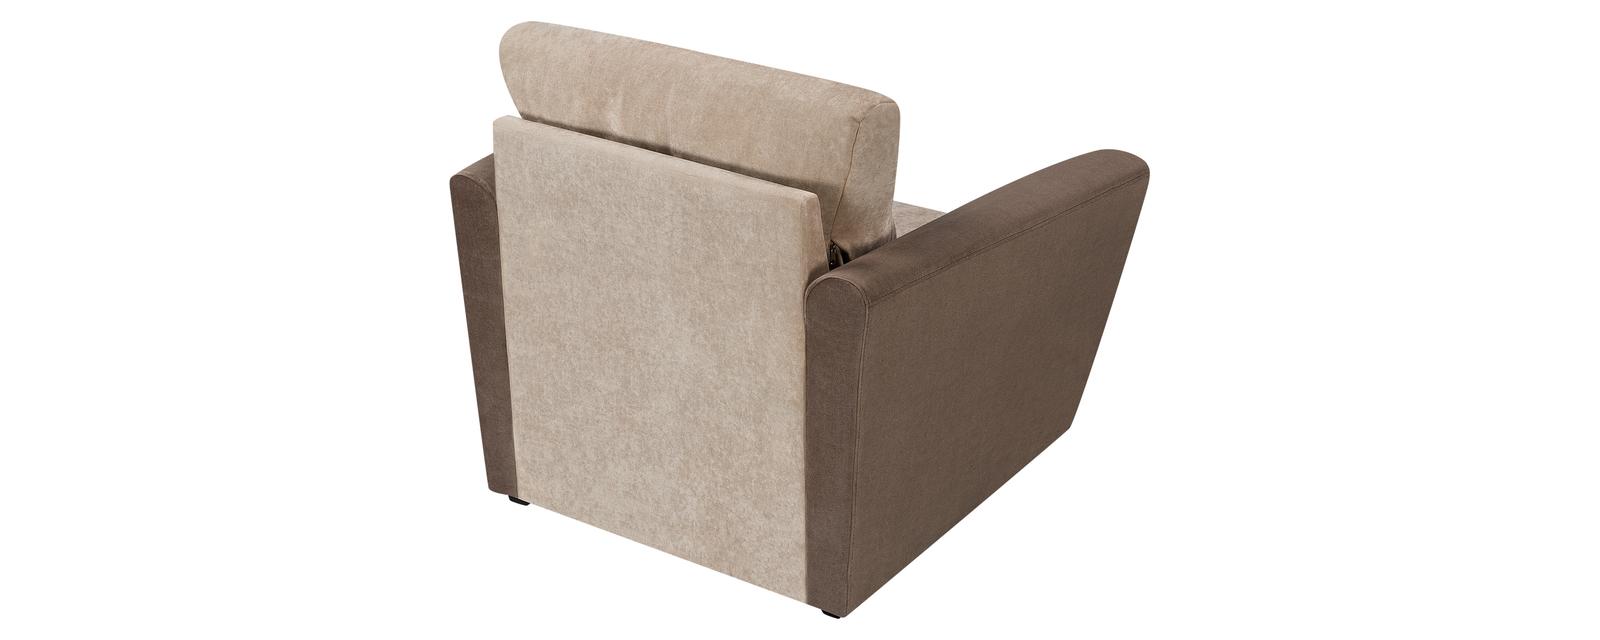 Кресло тканевое Амстердам Dana бежевый/коричневый (Вельвет)